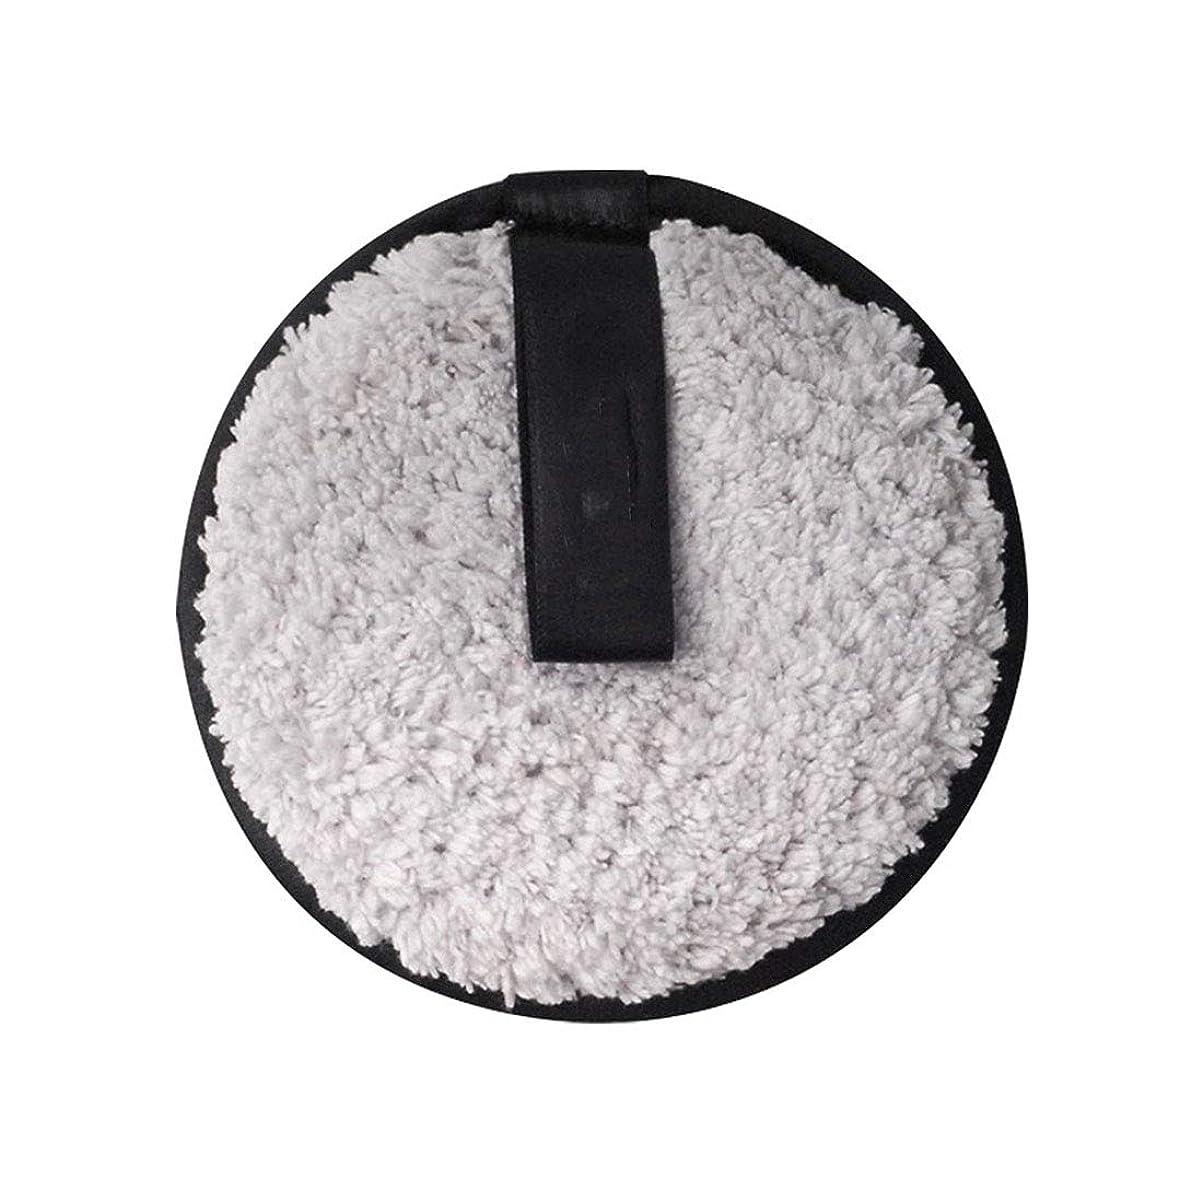 生レコーダー絶えずメイク落とし布マジックタオル、再利用可能な洗顔タオル - 化学薬品を含まない、ただ水で化粧をすぐに落とす(6PCS),Gray